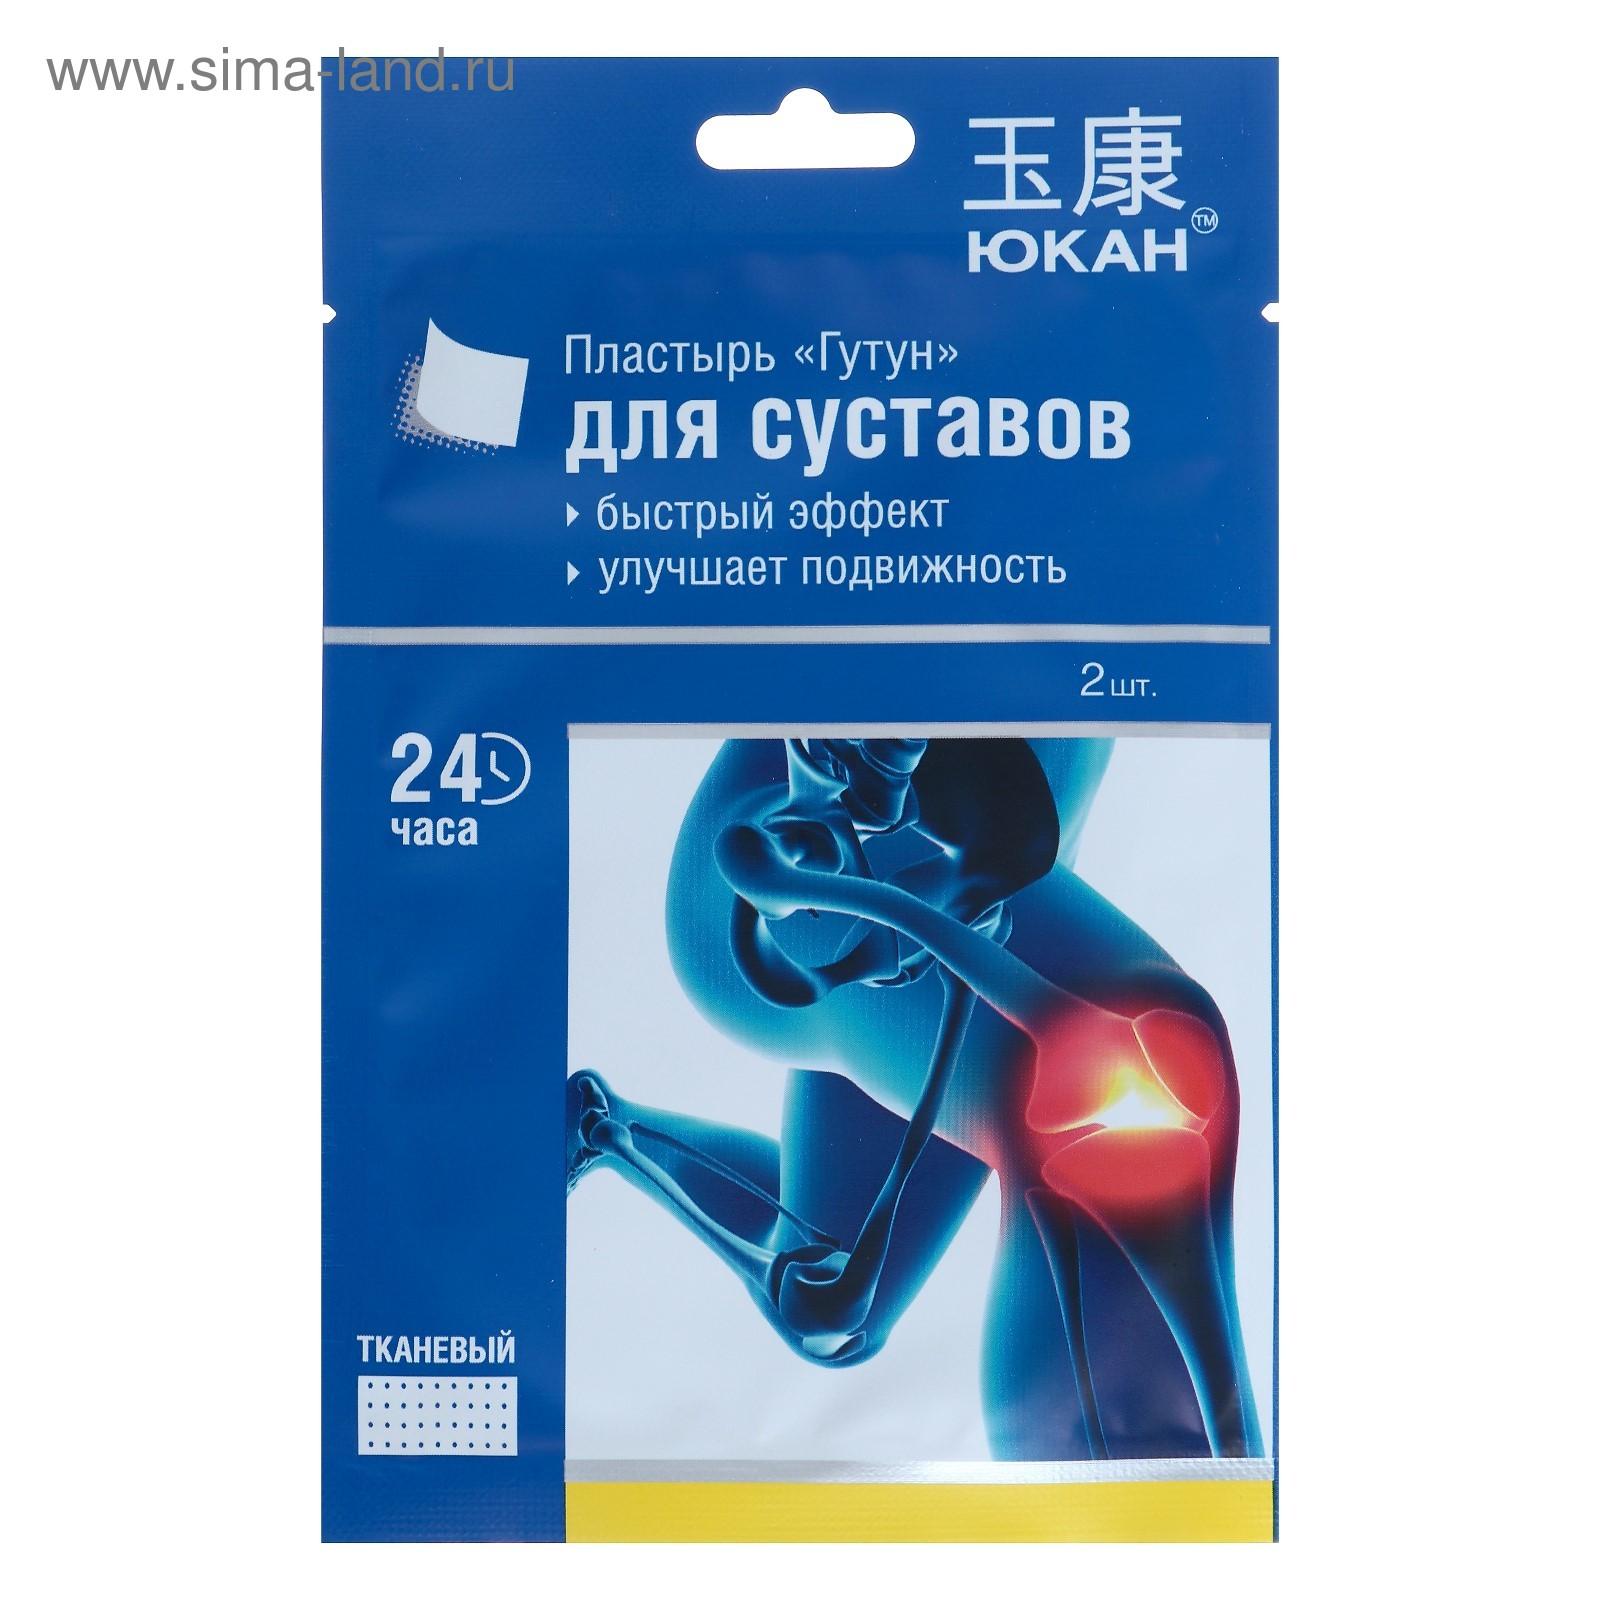 Пластырь для лечения суставов гутун отзывы жидкости коленном суставе